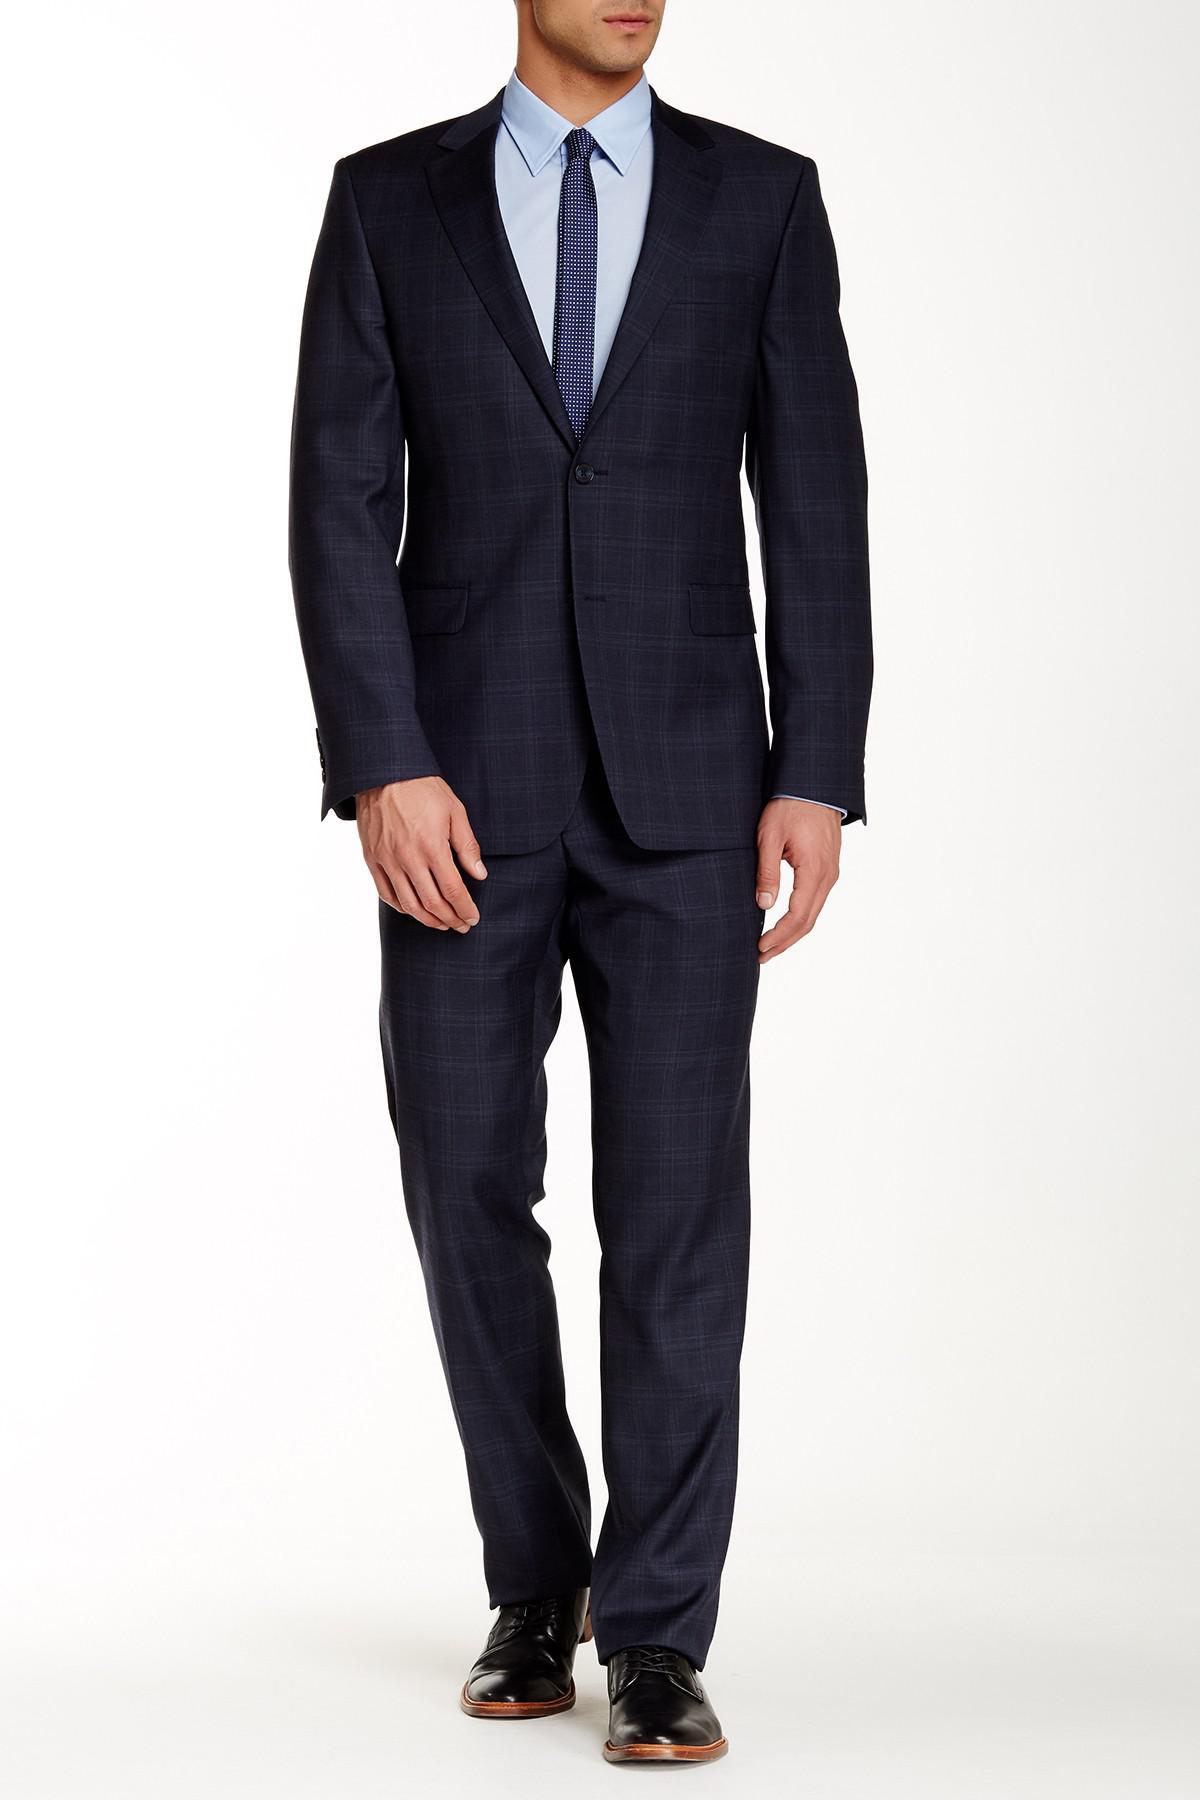 Lyst Ike Behar Pandora Wool Suit In Blue For Men